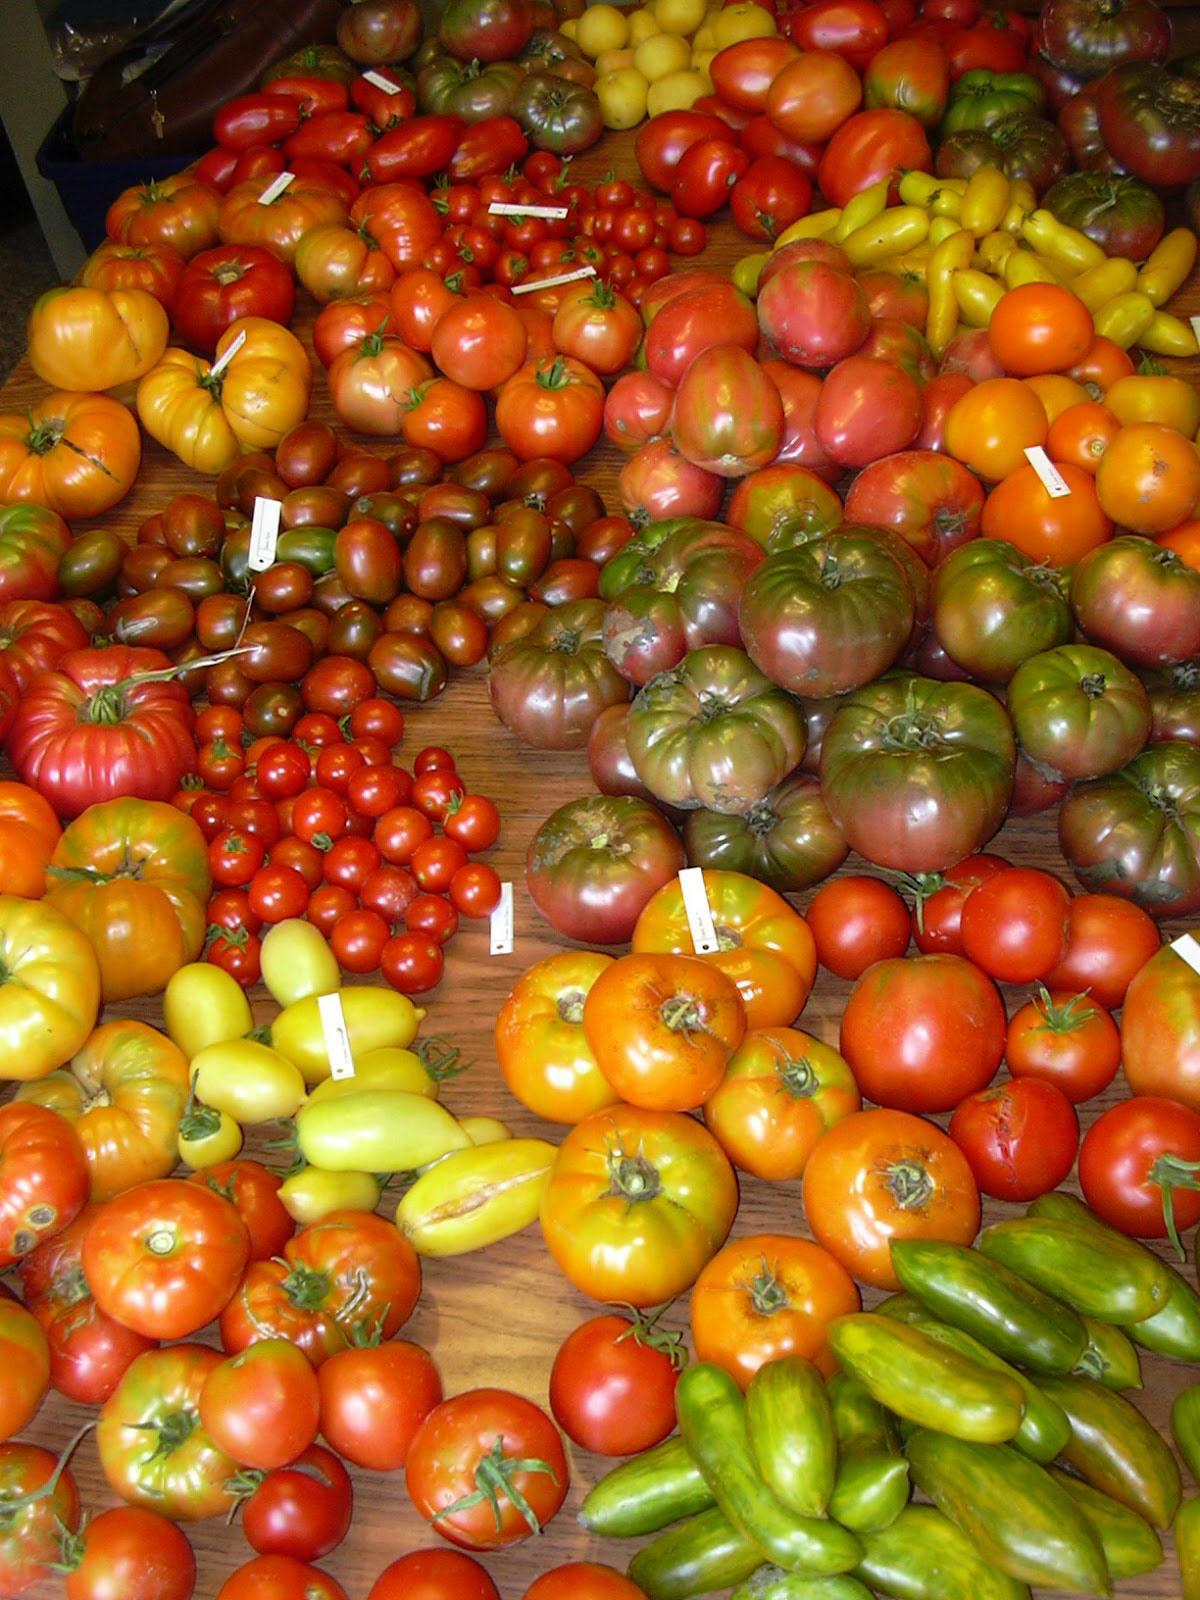 галерея-помидоров